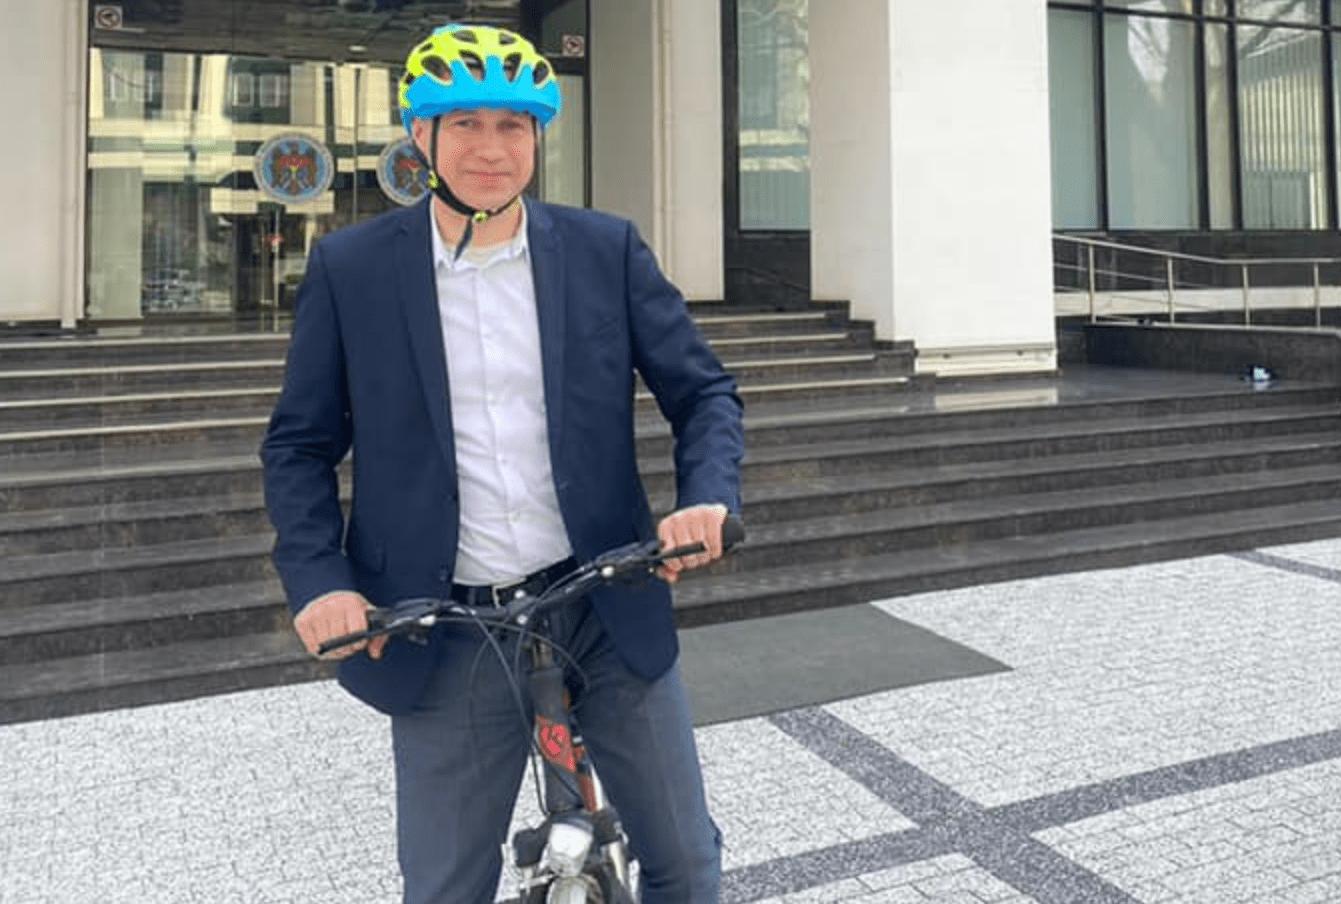 (FOTO) Secretarul de stat care a schimbat mașina pe bicicletă. Îndemnul acestuia și pentru alți cetățeni